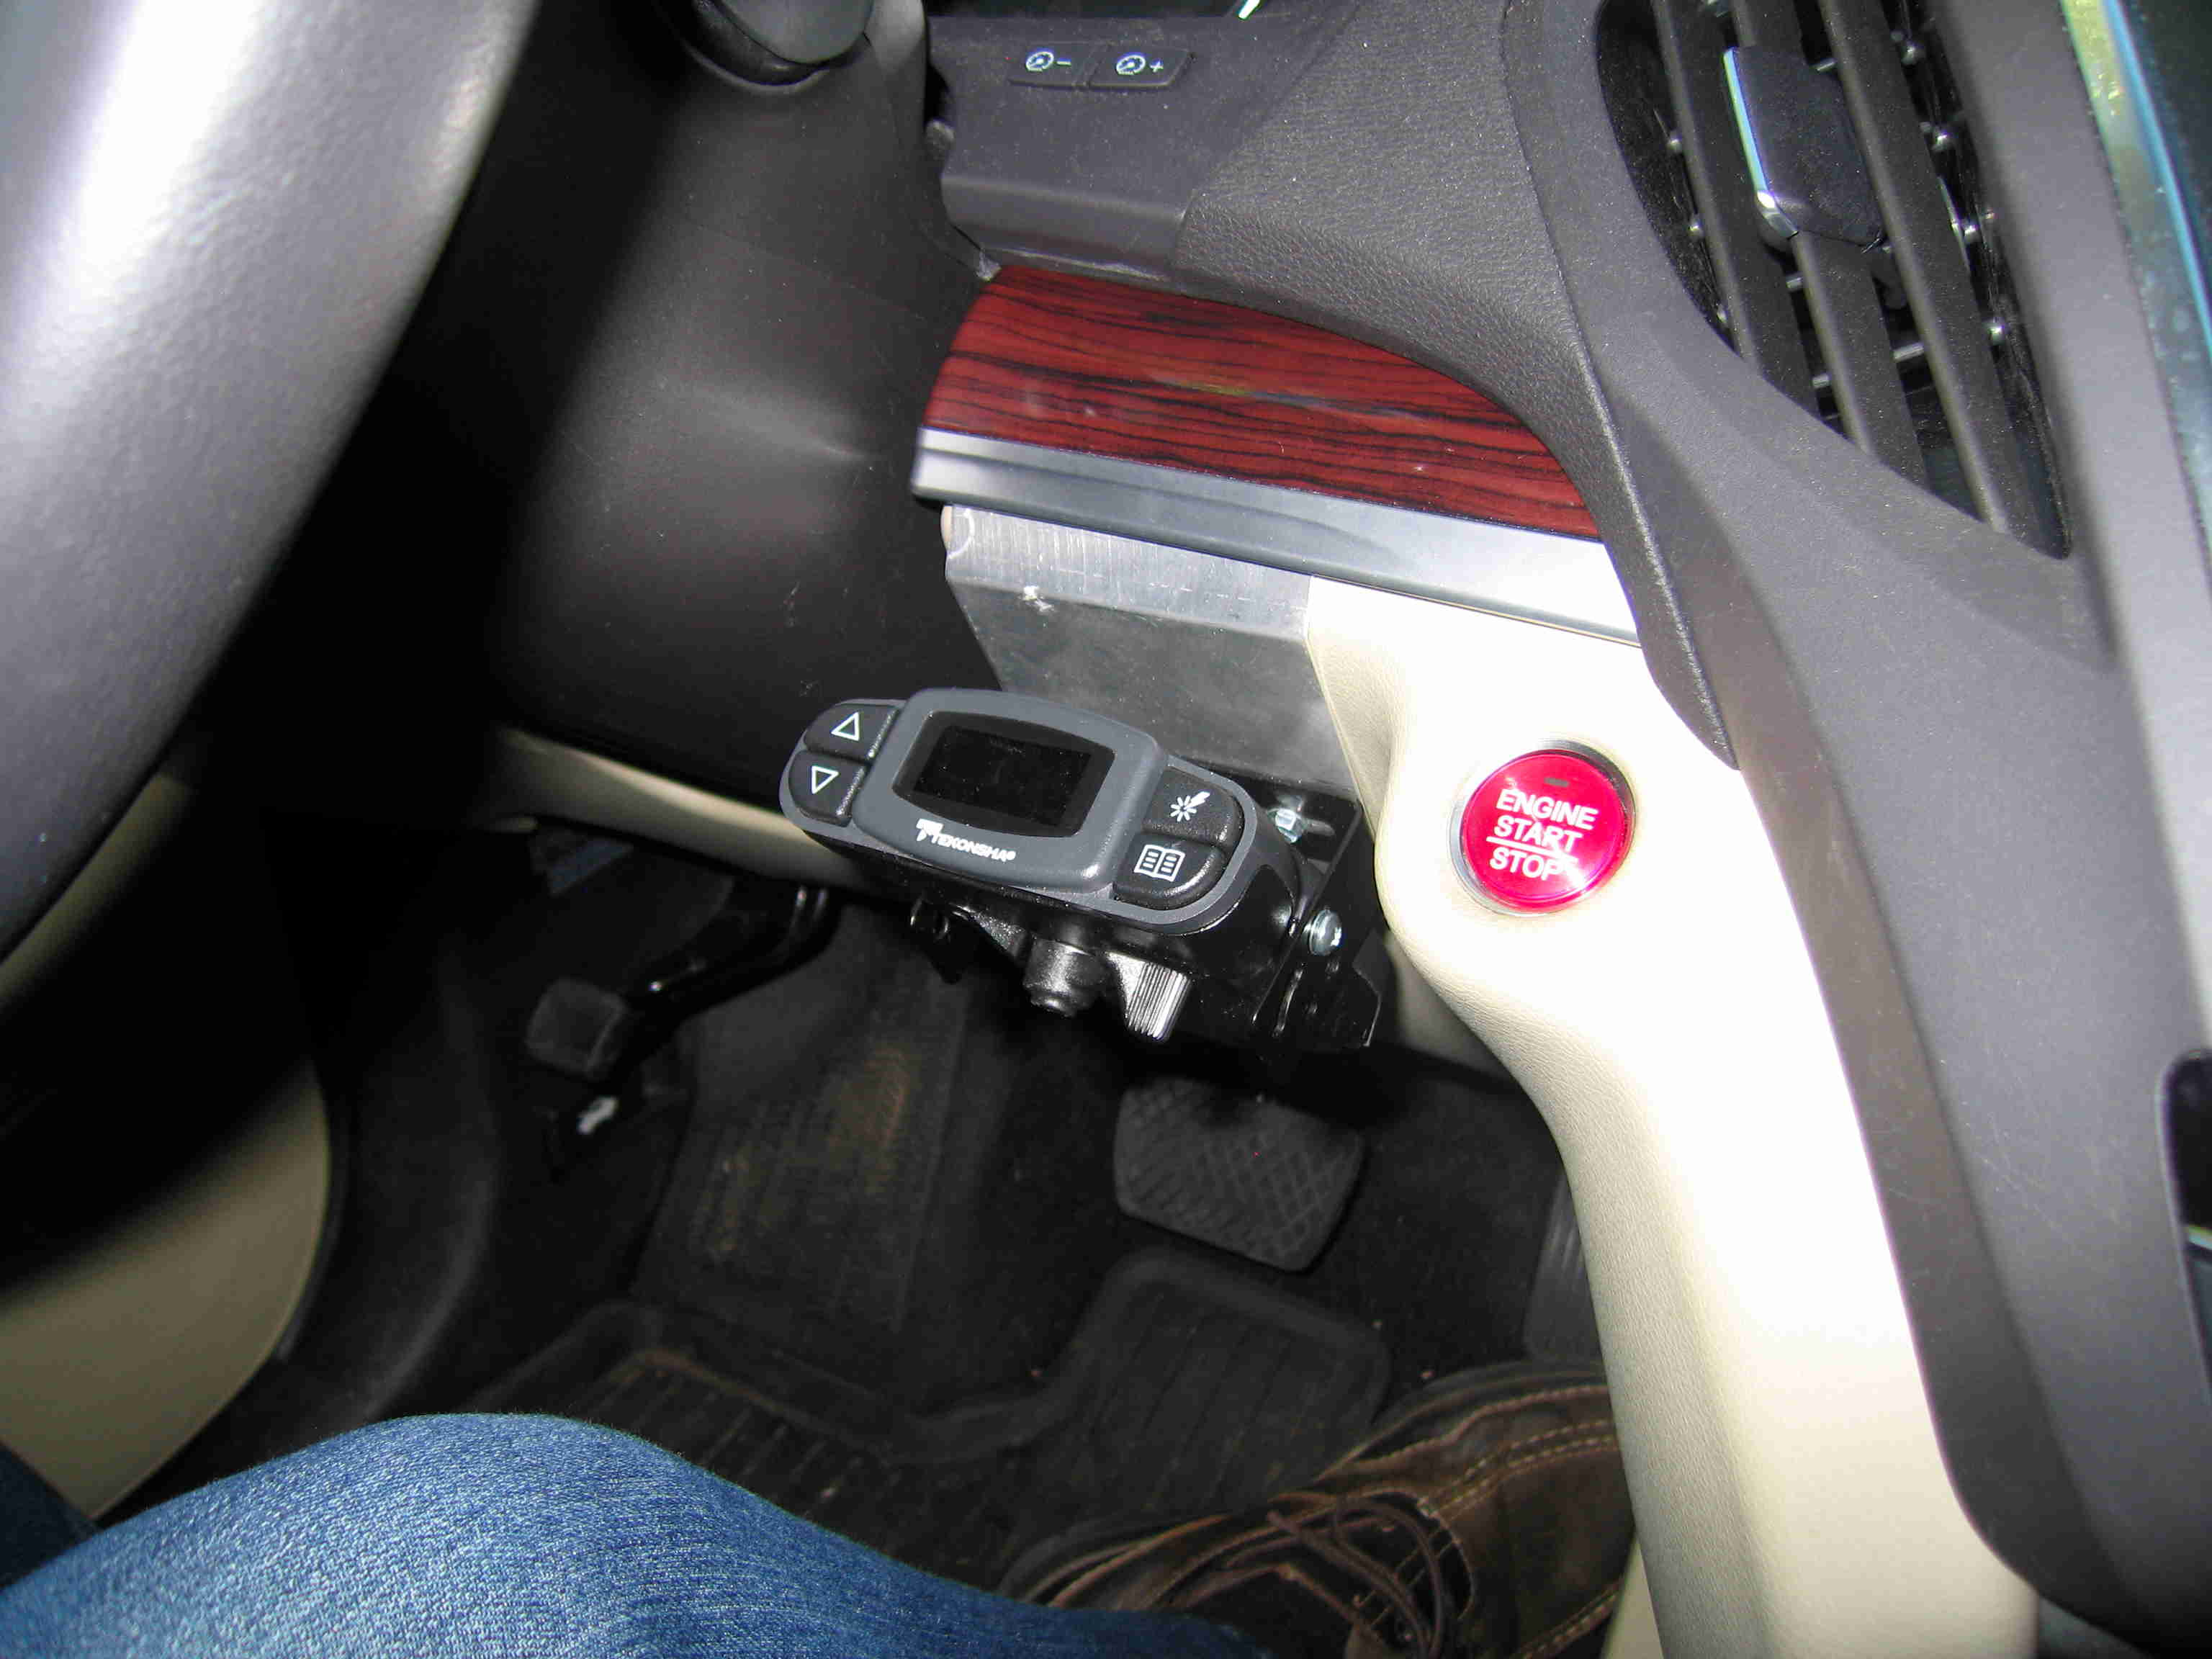 Trailer brake controller brakefinish1 jpg